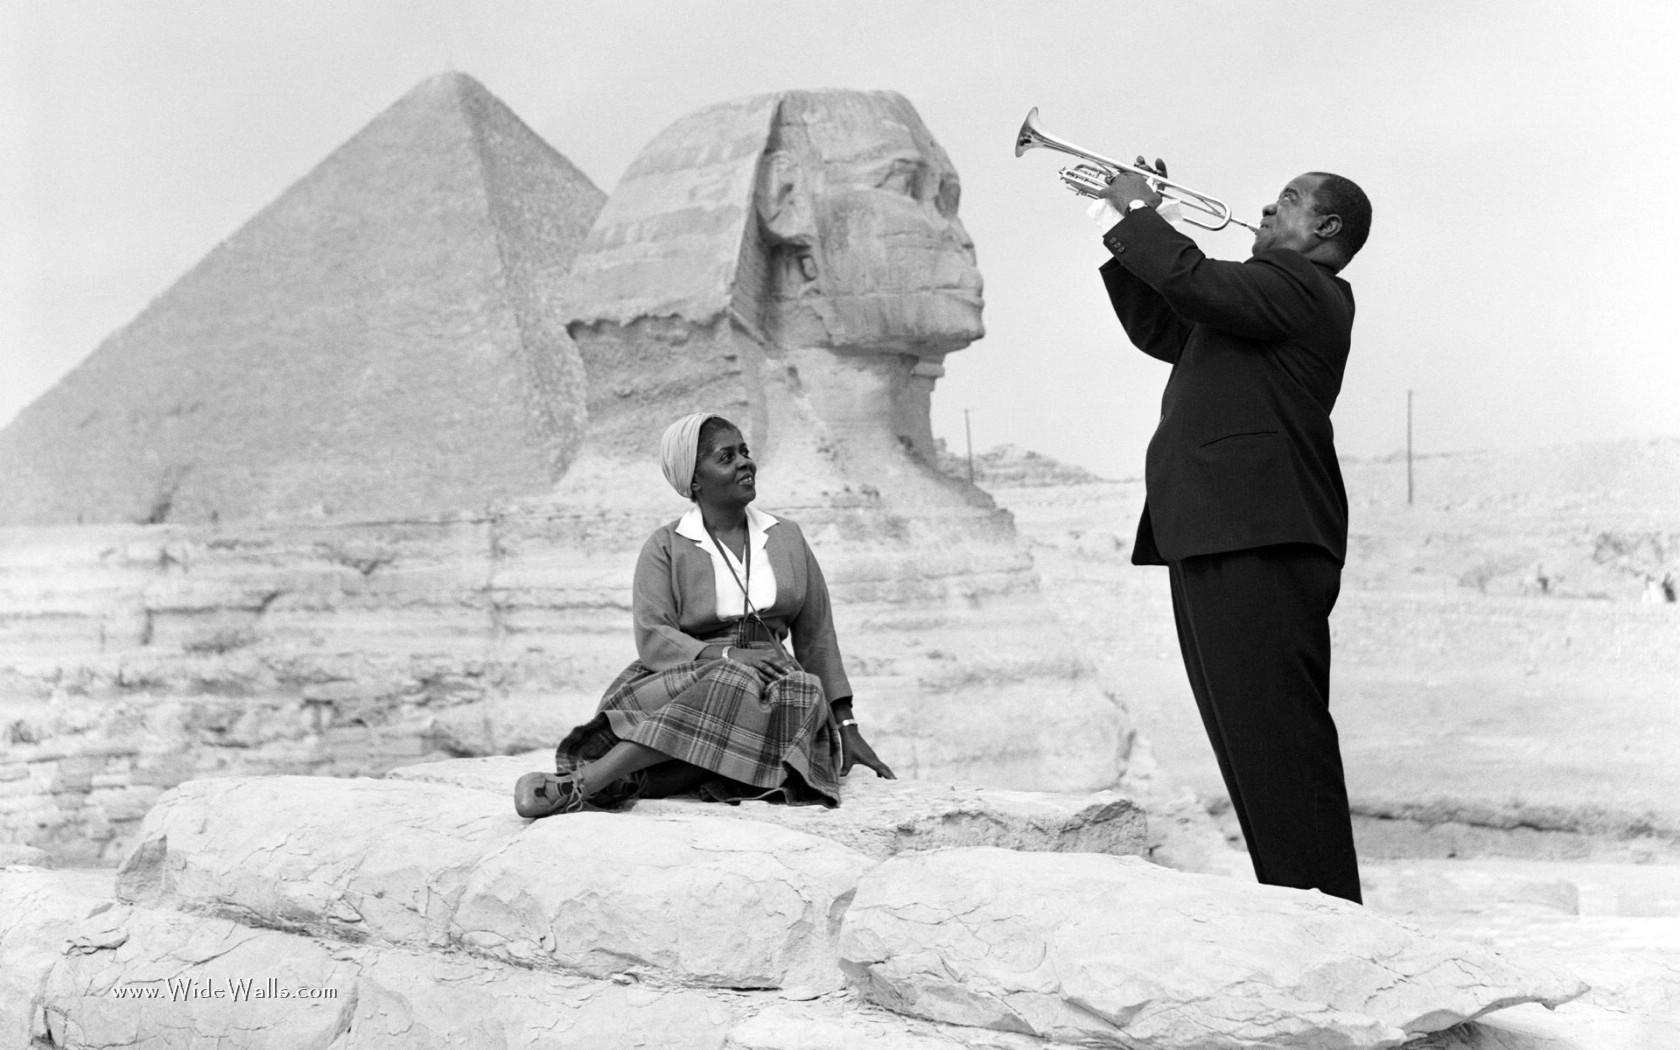 12603 Заставки и Обои Артисты на телефон. Скачать Артисты, Луи Армстронг (Louis Armstrong), Музыка, Люди, Мужчины картинки бесплатно